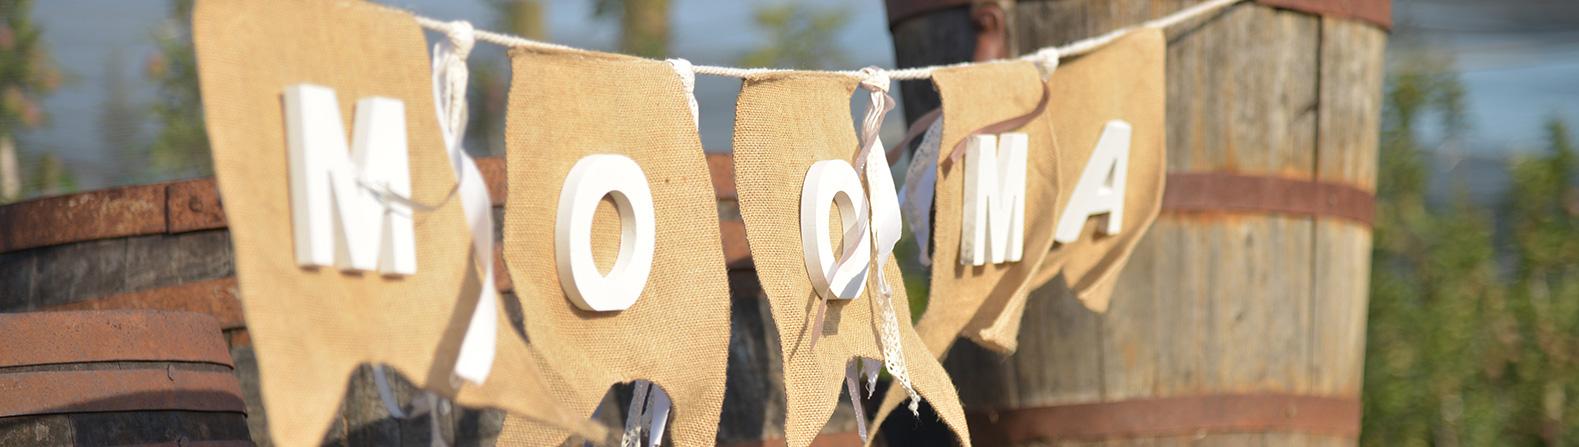 Sidraturisme - La nova manera de conèixer els orígens de la sidra